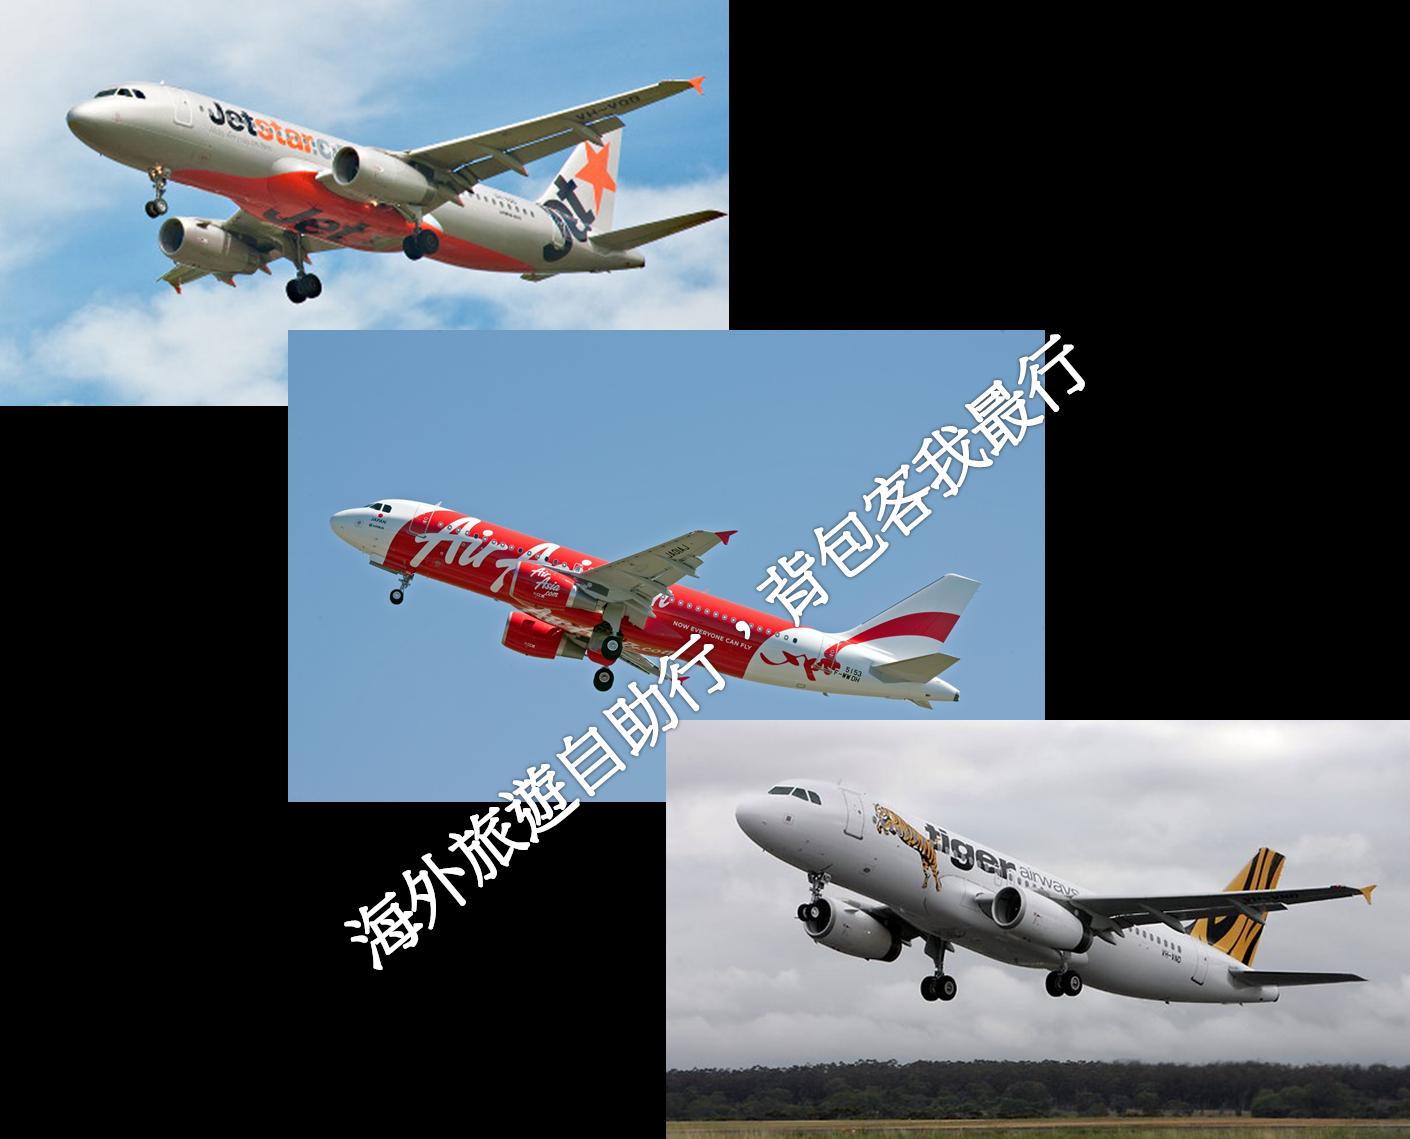 海外旅遊自助行 -背包客我最行: 廉價航空公司有哪些呢?